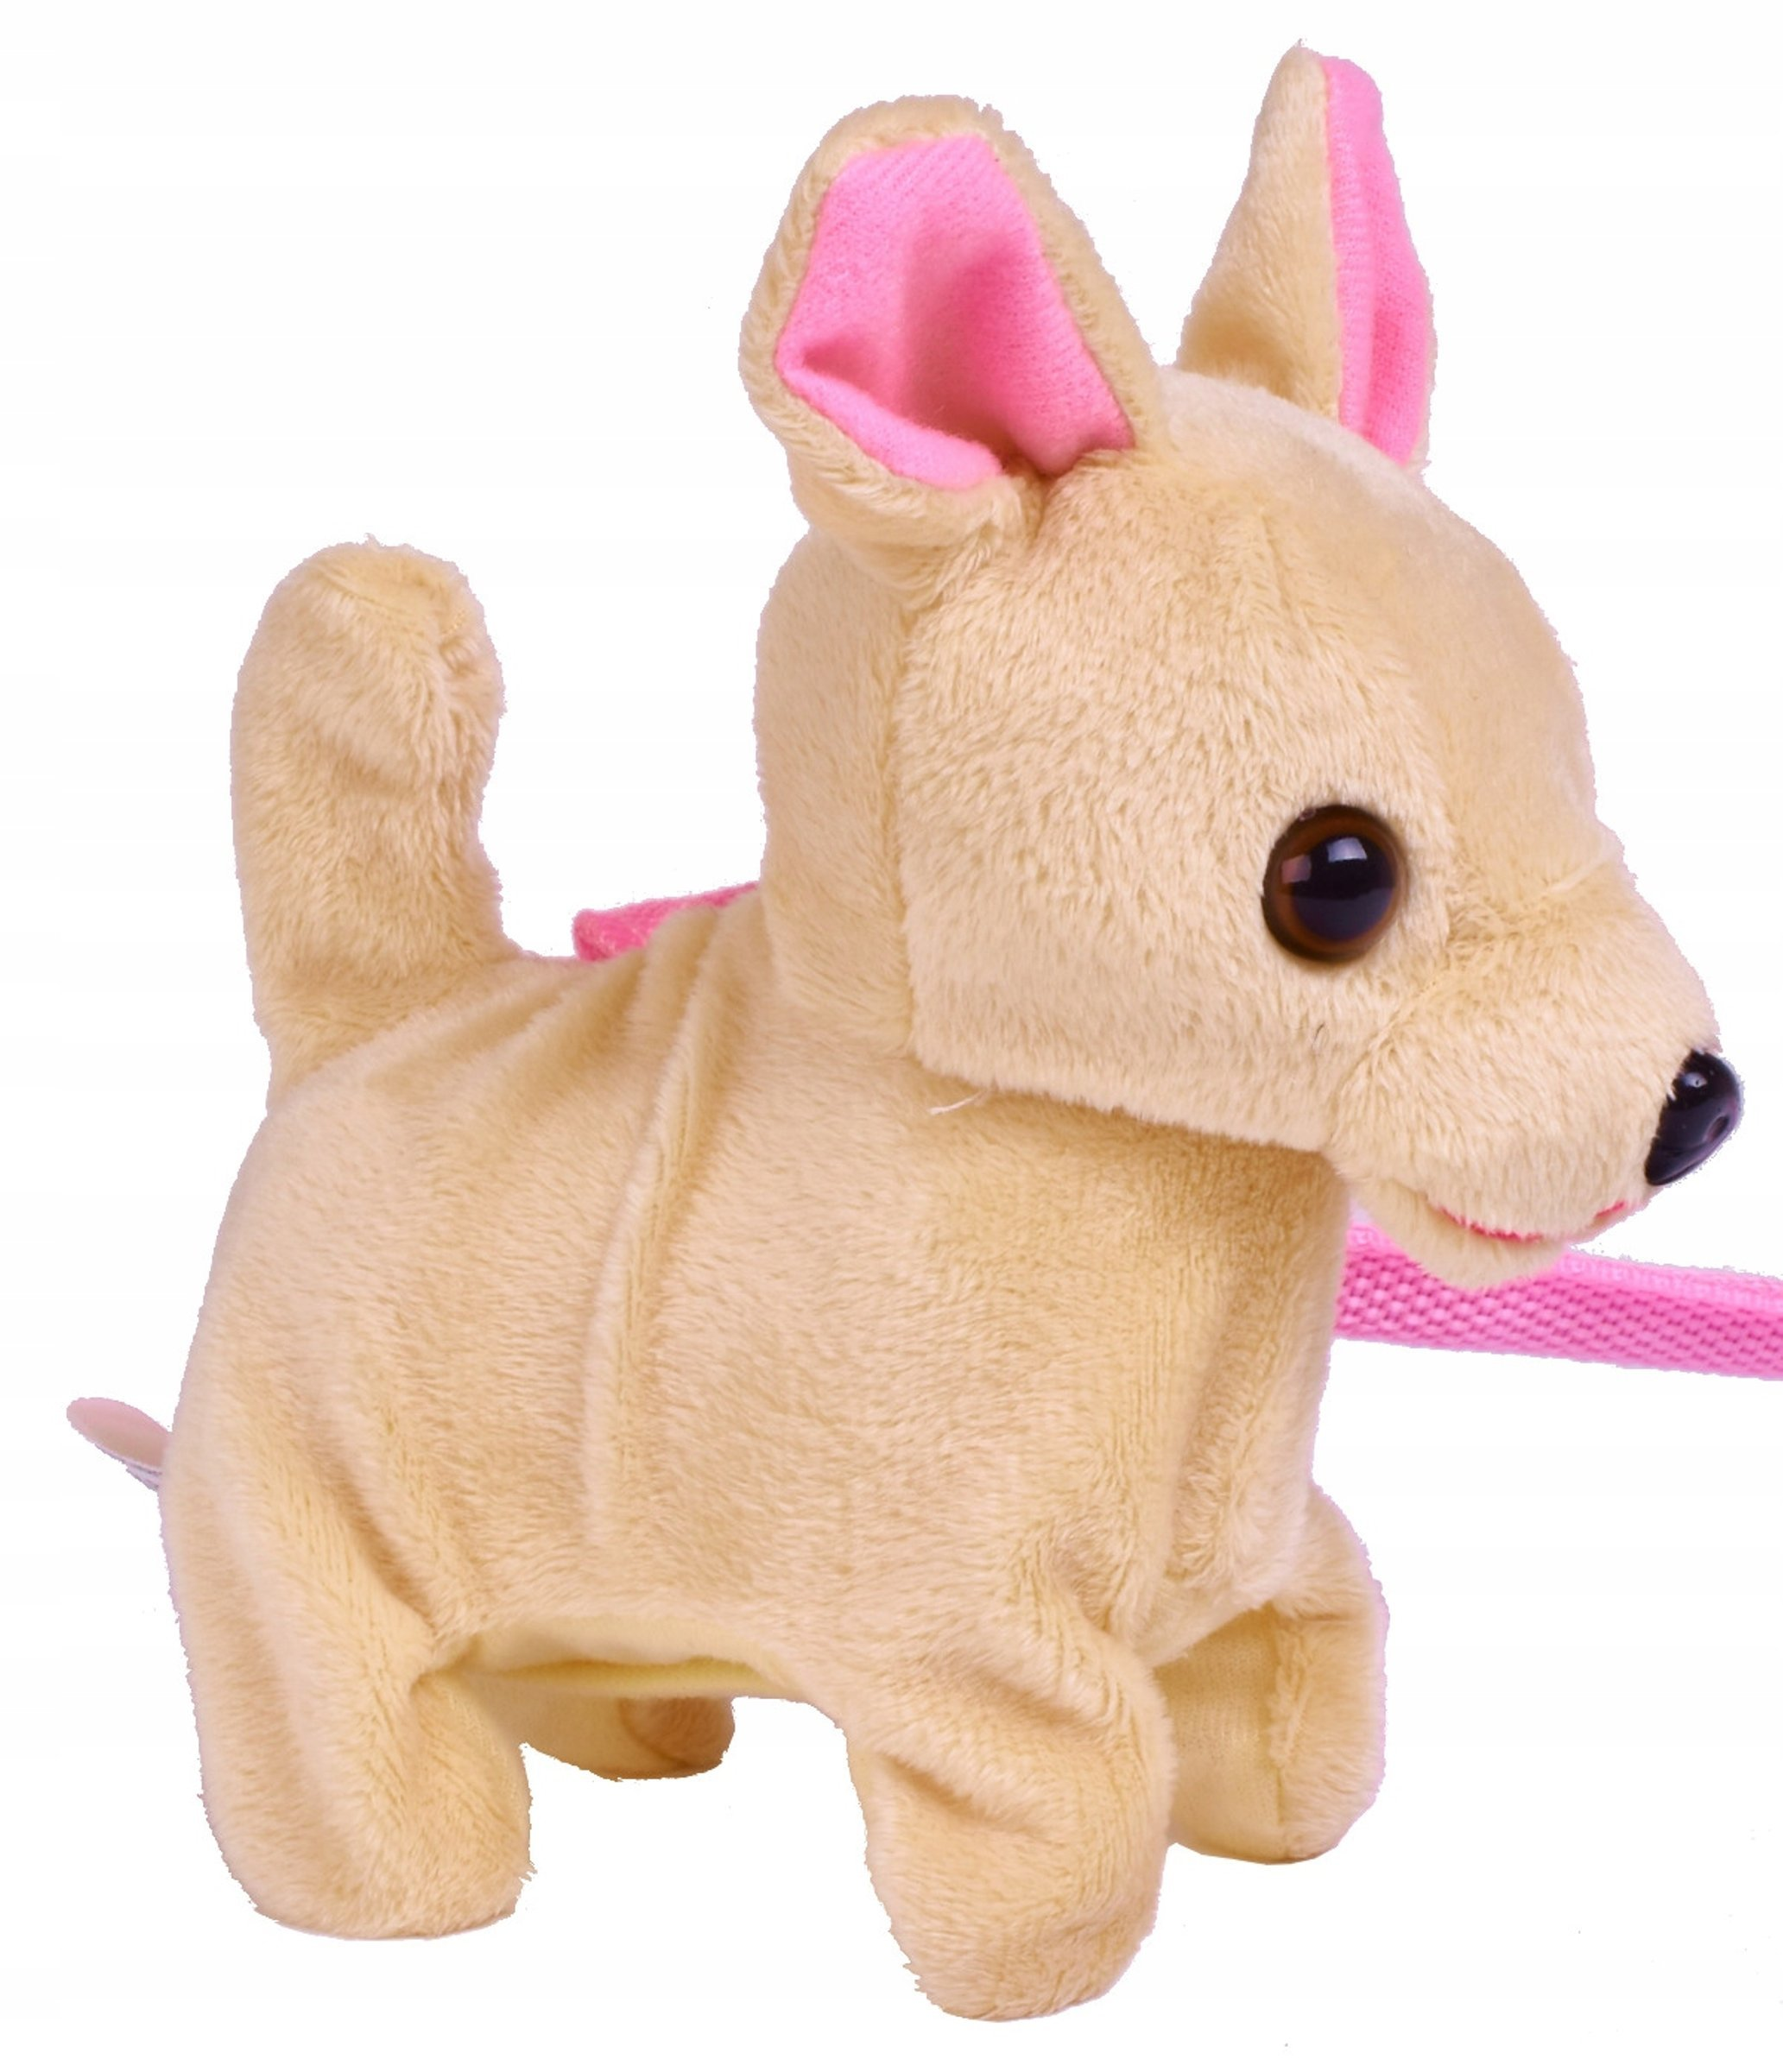 Hh Piesek Pluszowy Interaktywny Na Smyczy Htj1022a Zabawki Maskotki Interaktywne Zabawki Maskotki Zwierzątka Neonn Twój Sklep Dziecięcy Z Zabawkami